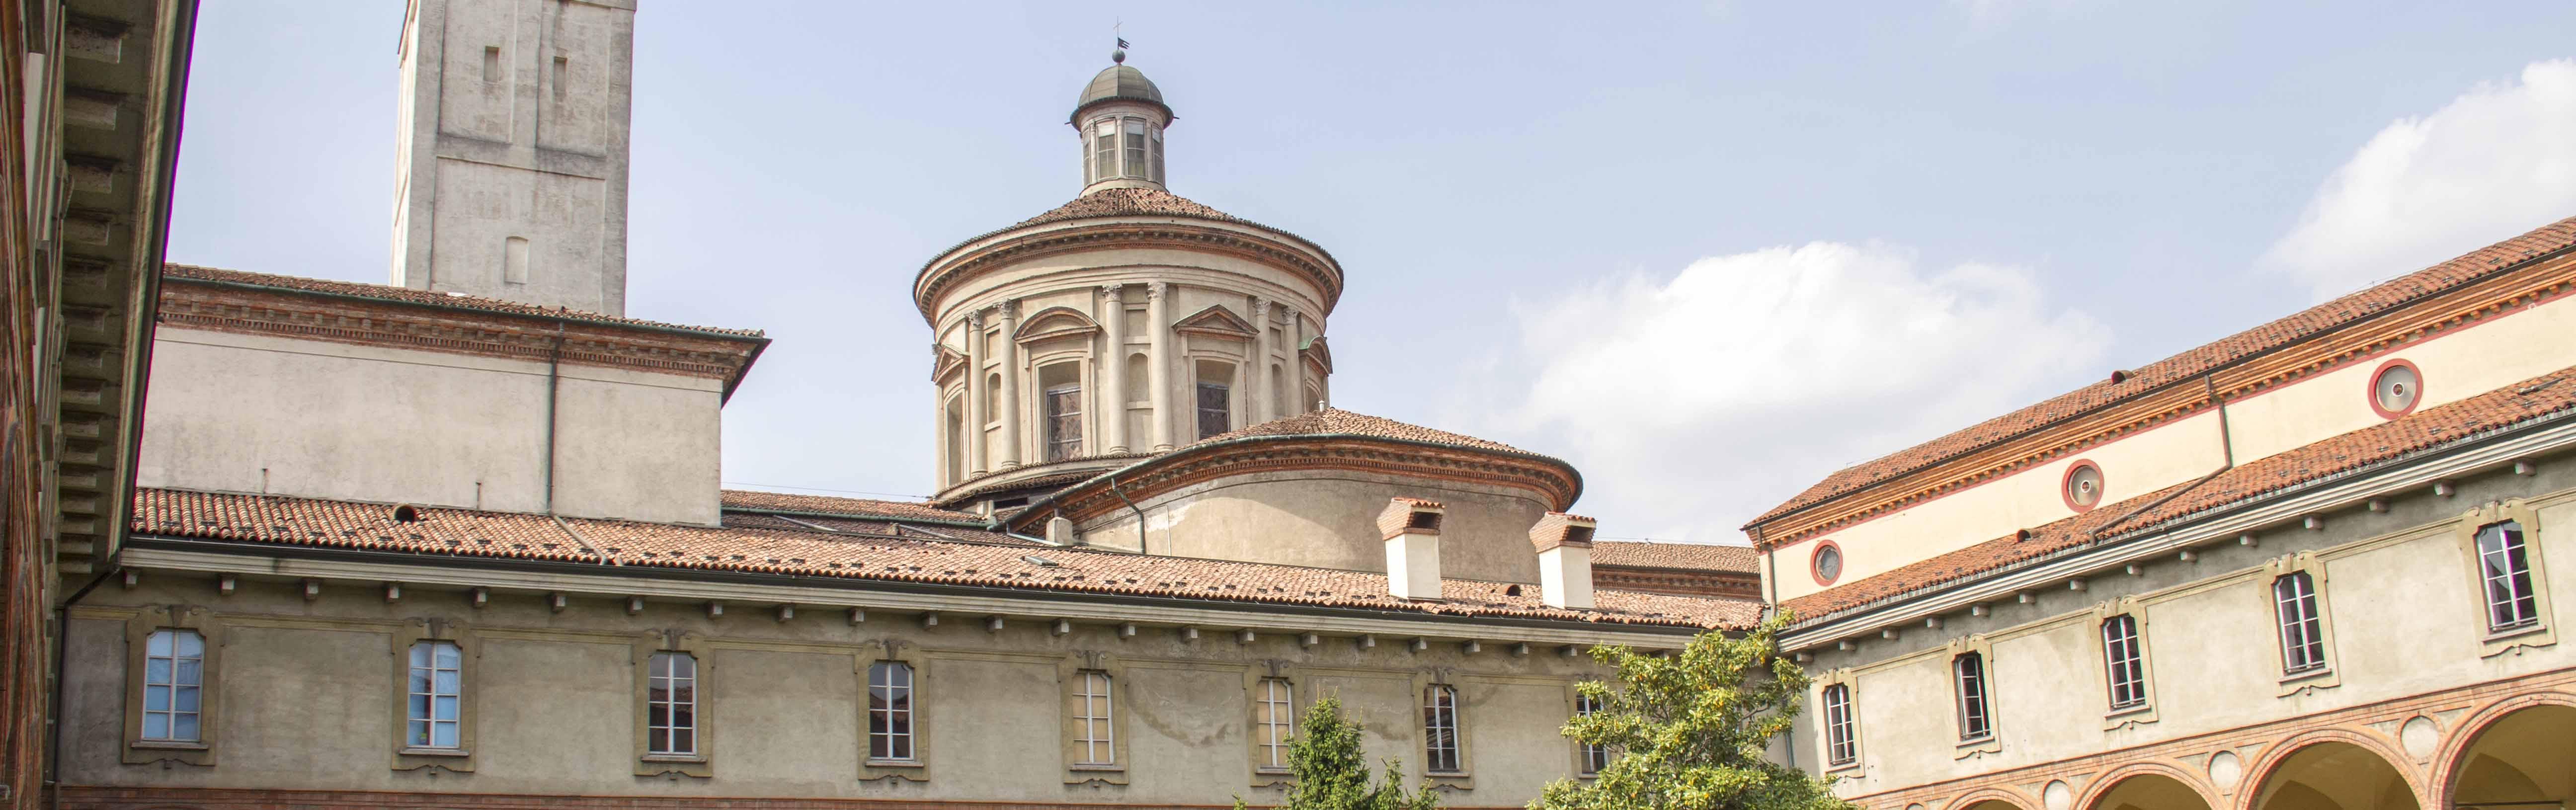 Museo Scienze e tecnologia, Milano